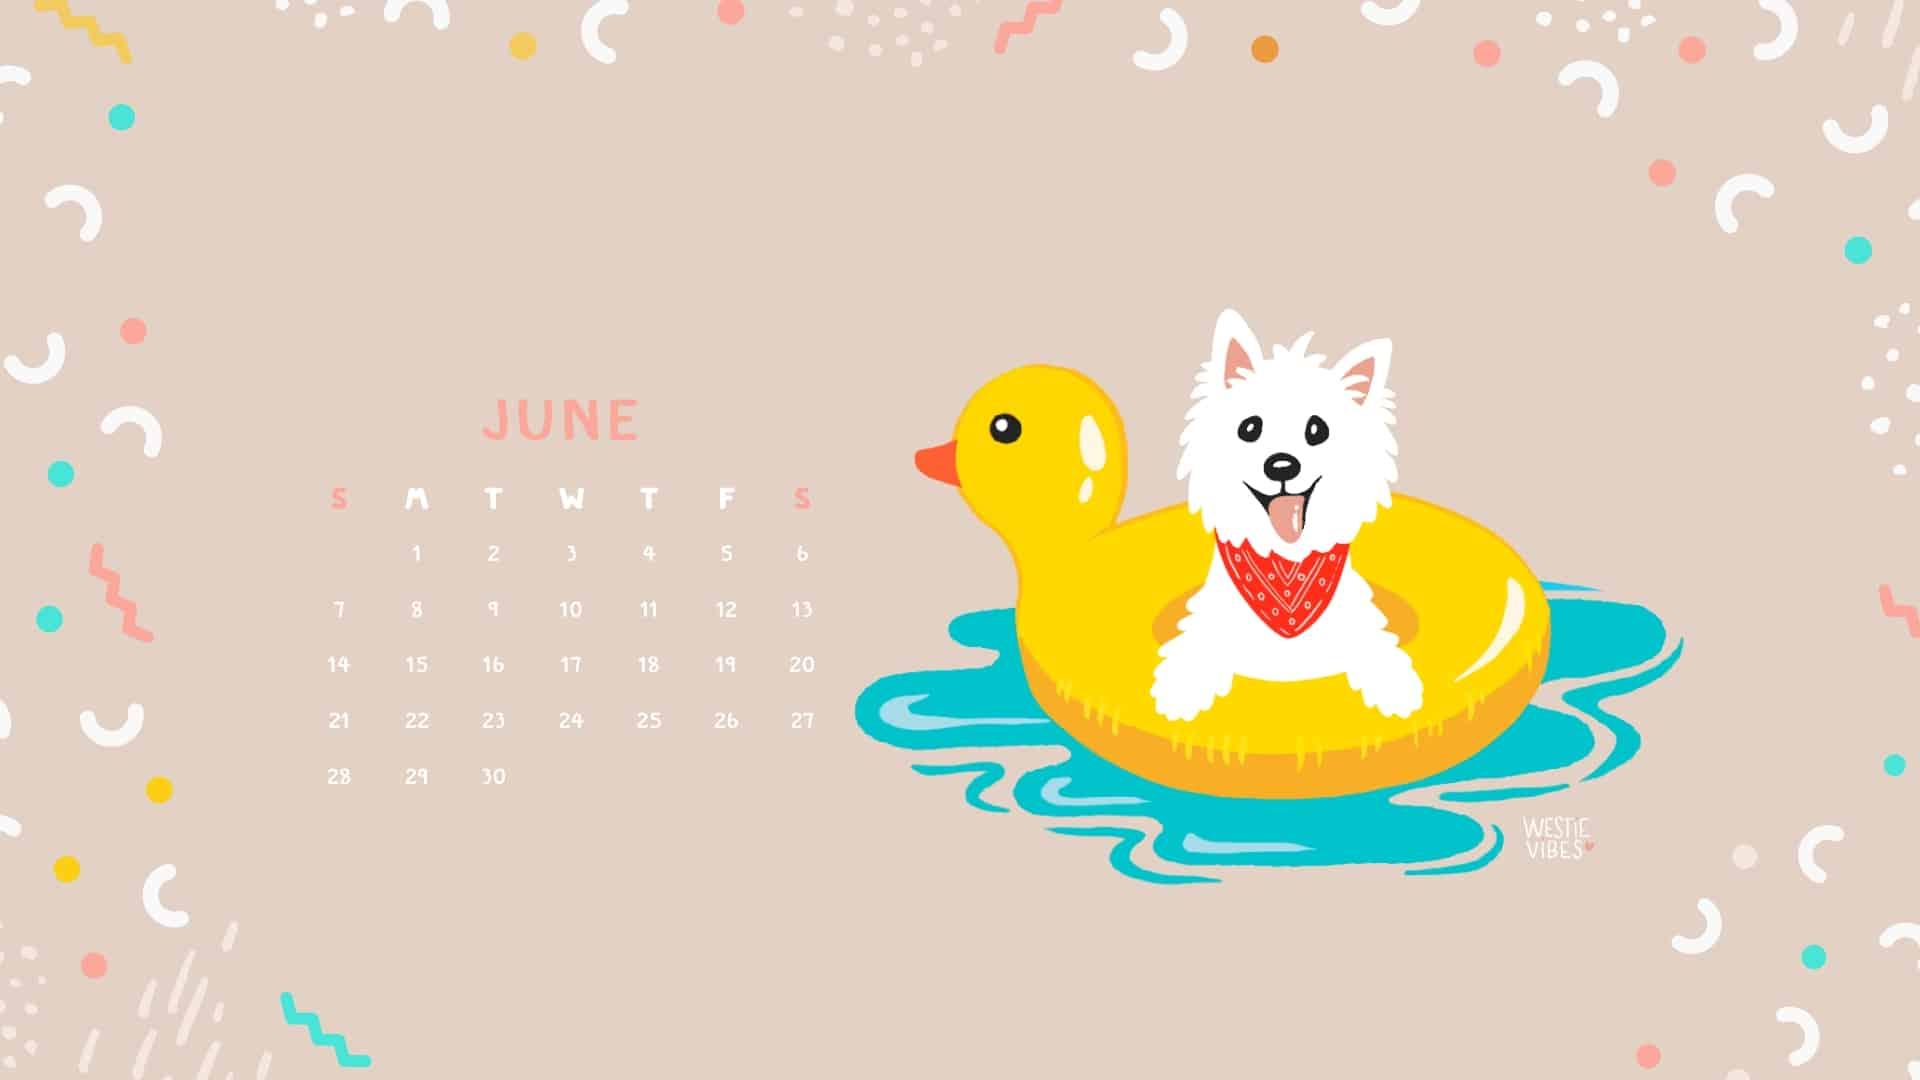 June Calendar Wallpaper Westie Vibes Desktop